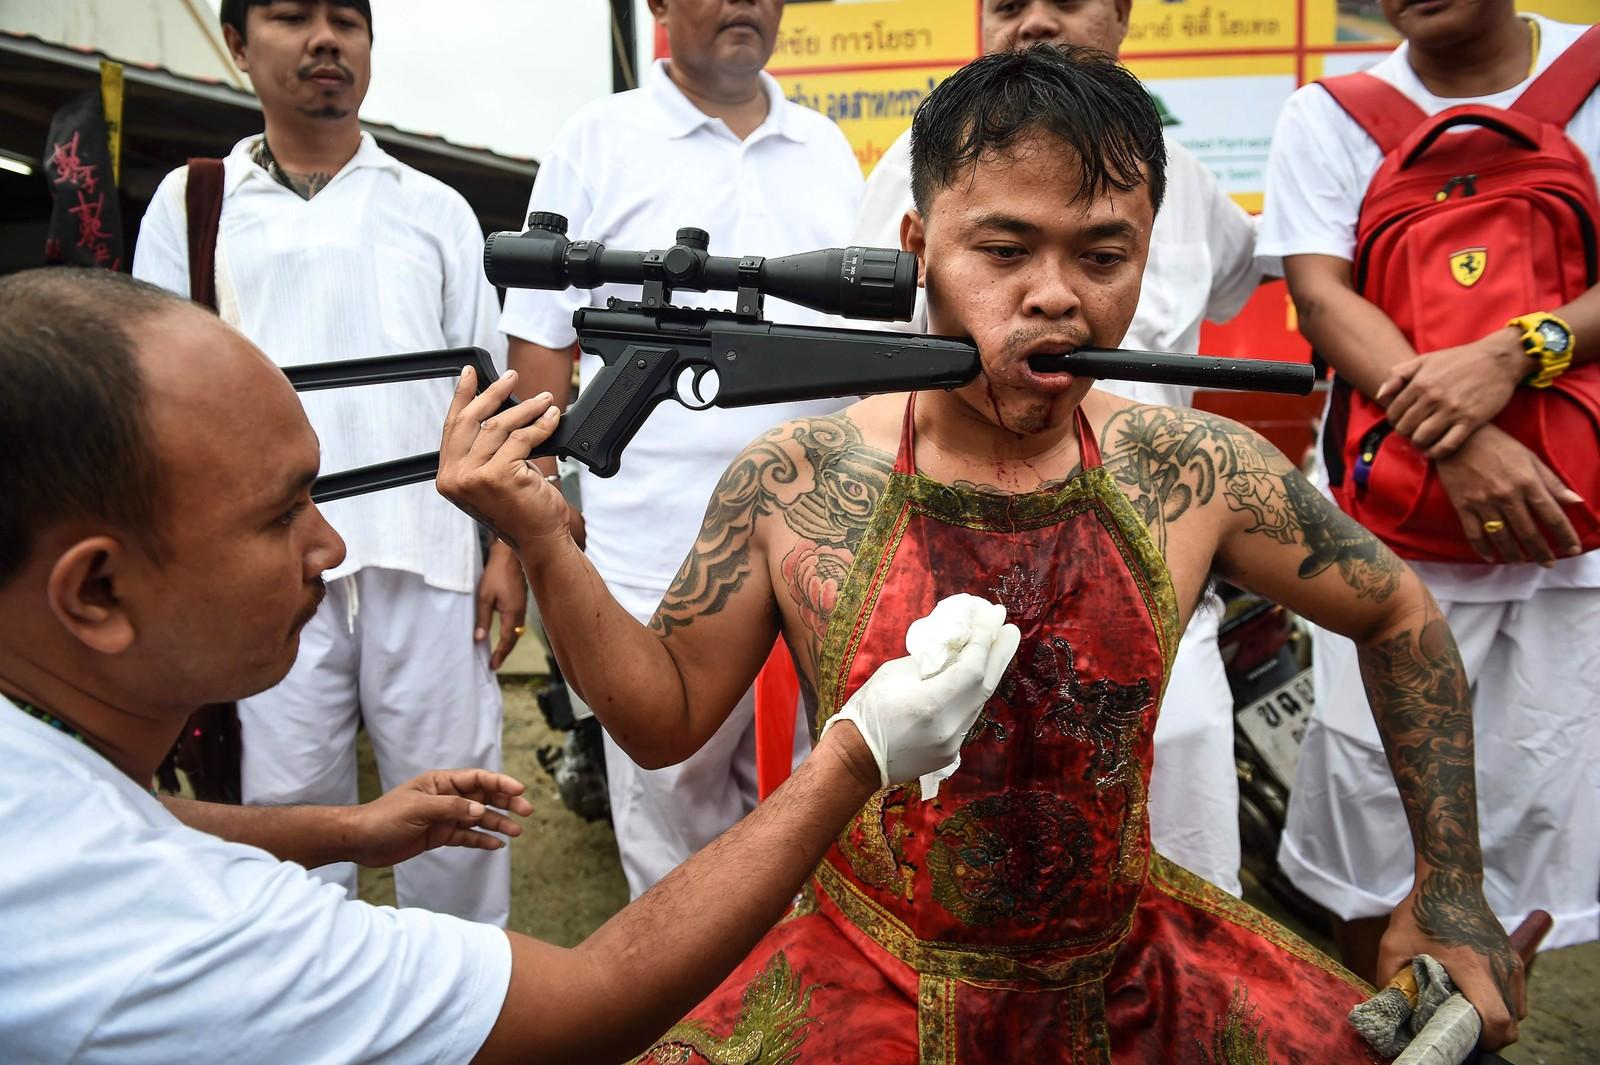 Du gjettet riktig. Dette bildet er fra en vegetarfestival. Under den årlige vegetarfestivalen i Phuket i Thailand påfører folk seg selv smerte på forskjellige måter til ære for dyrene.